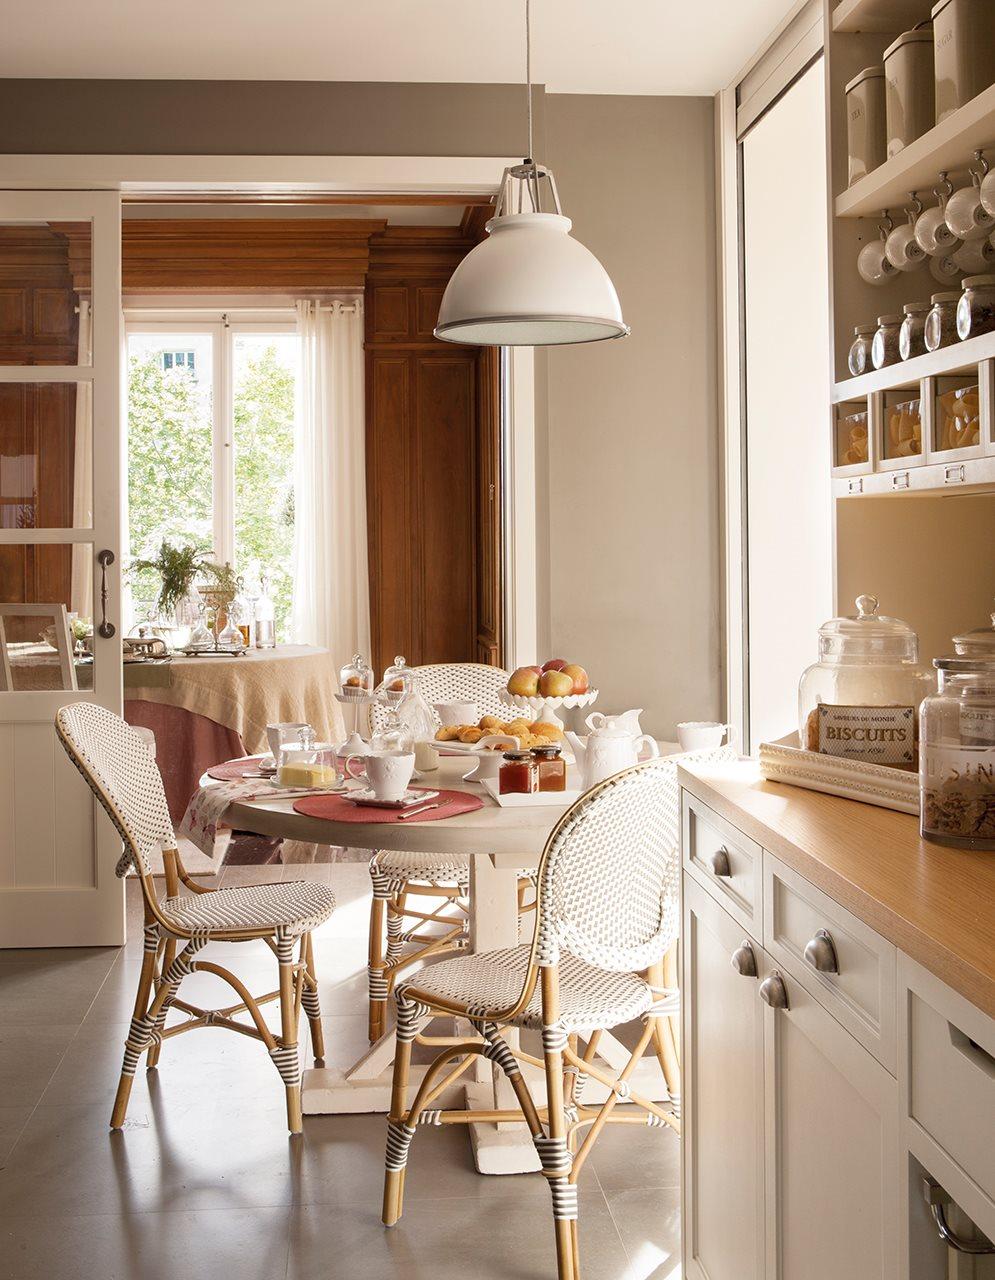 Consigue el comedor perfecto for Cocina con comedor diario